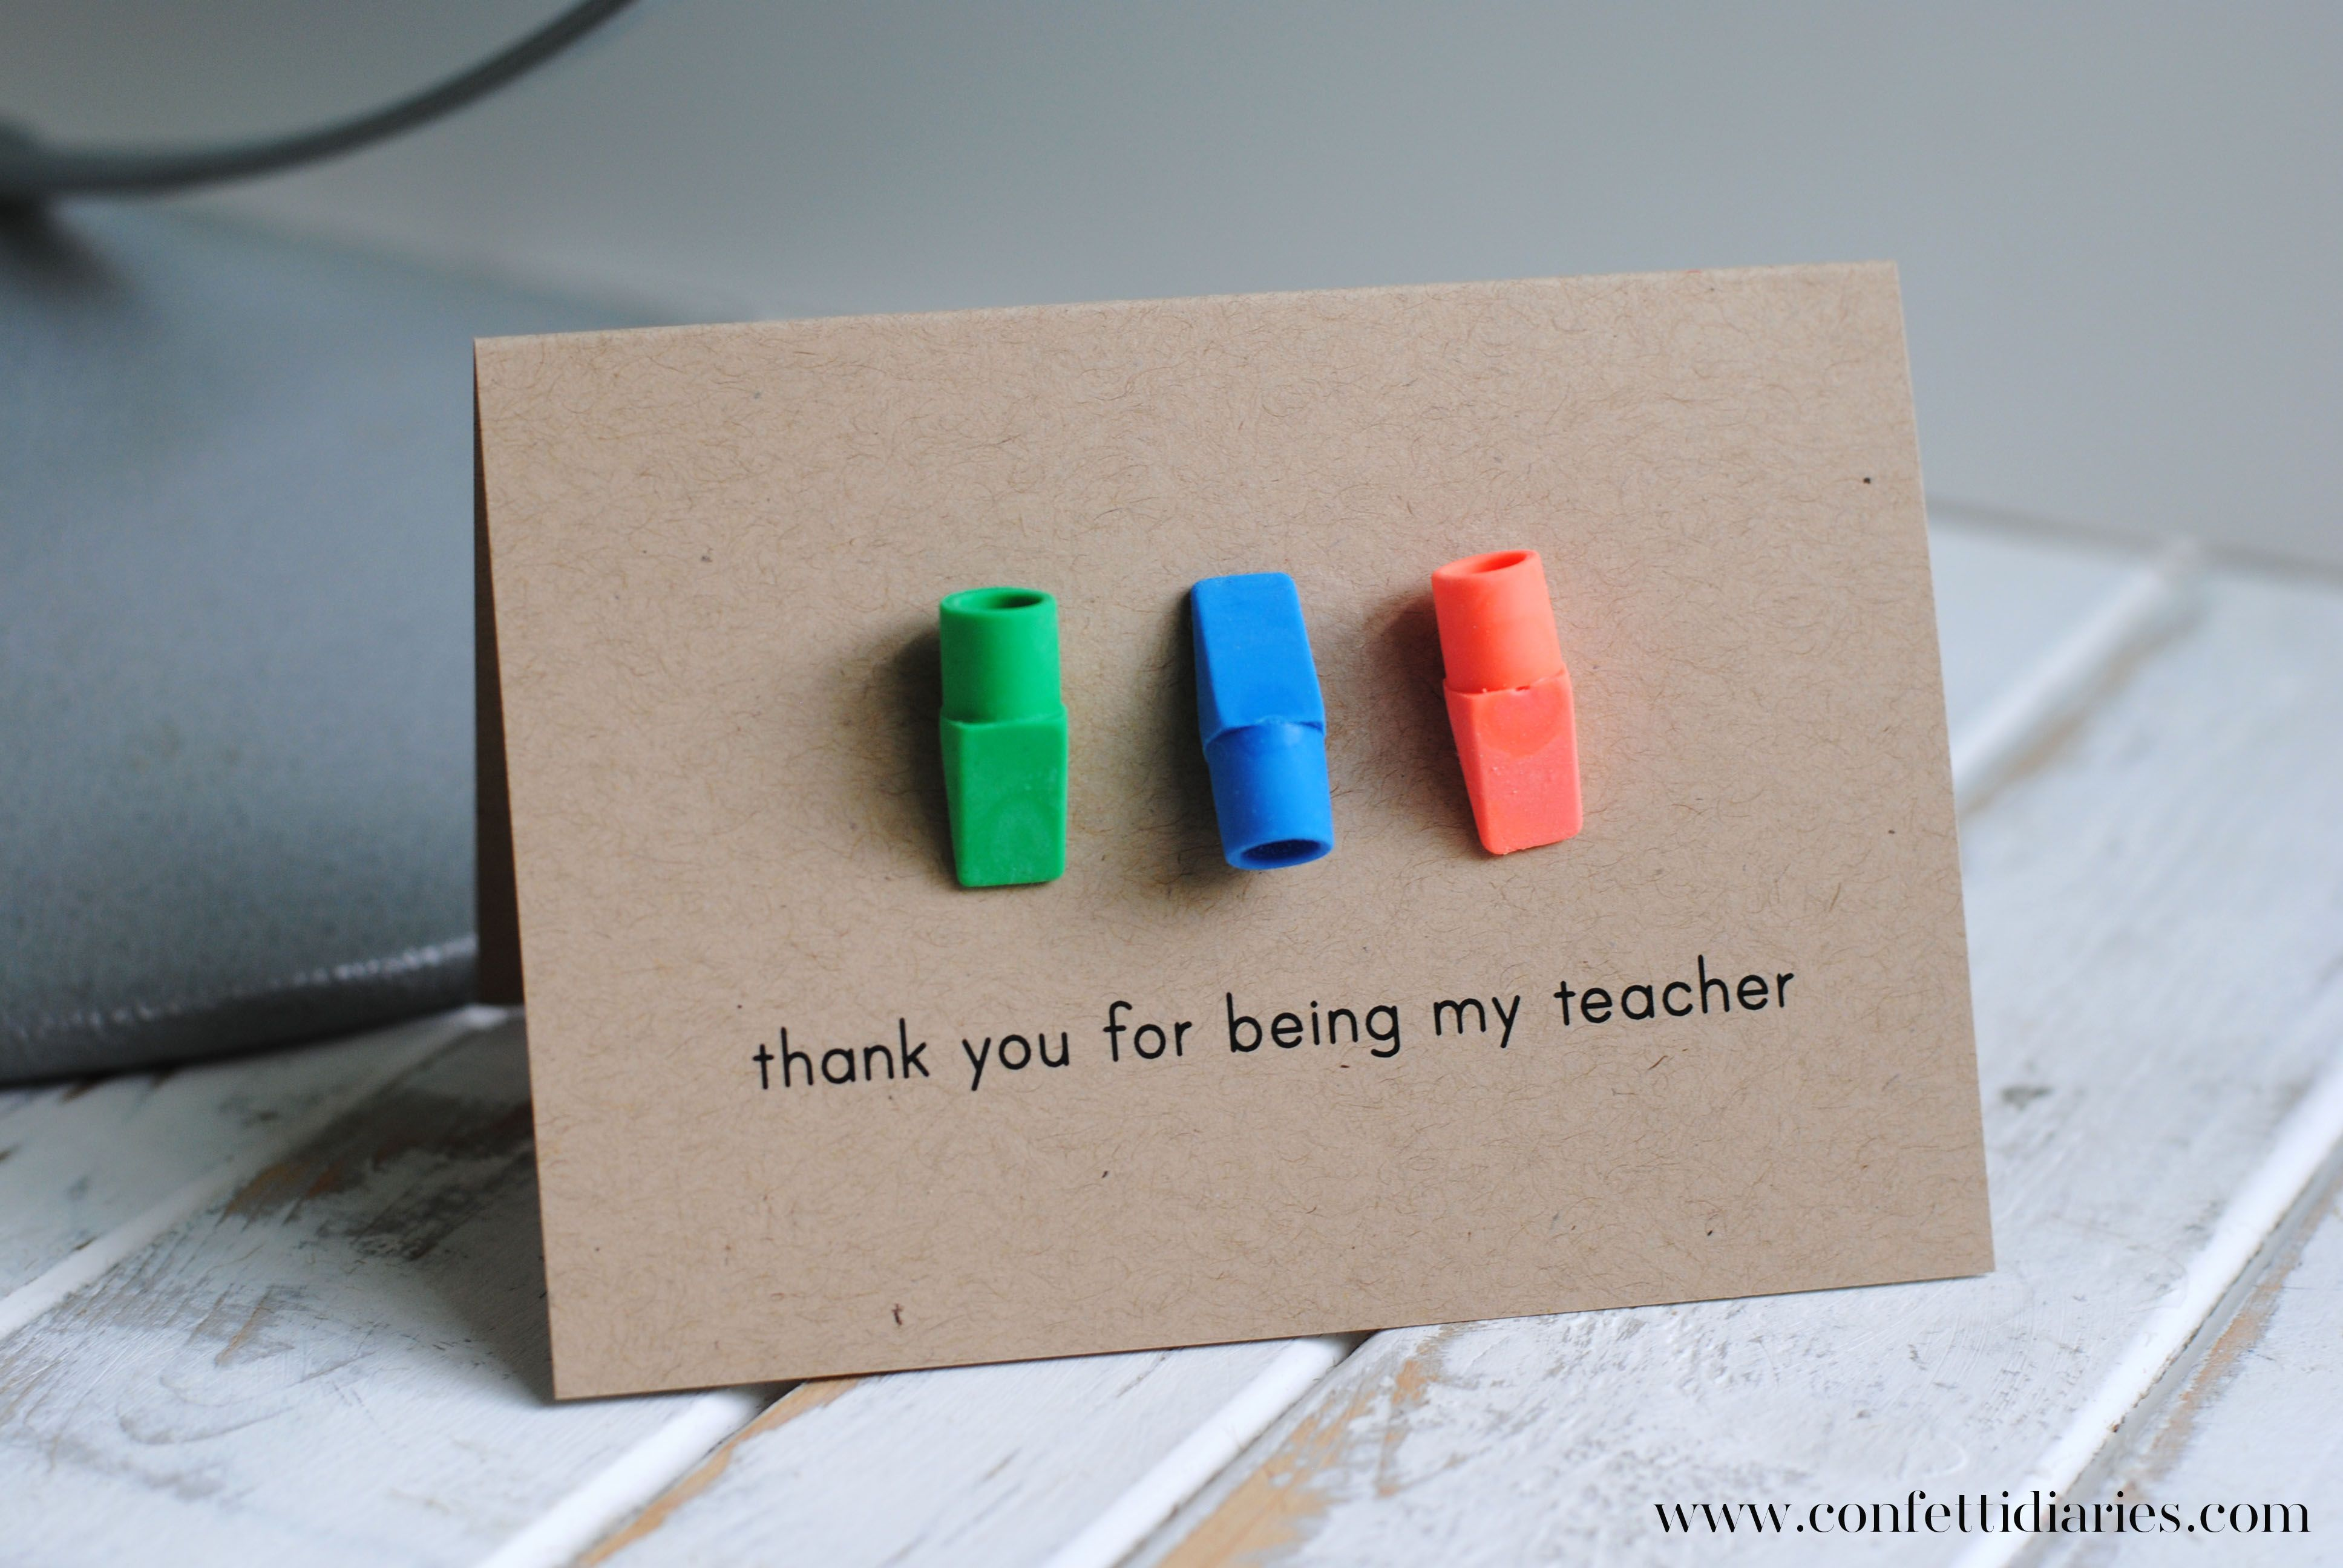 Birthday Cards For Teachers Ideas ~ Free printable diy teacher thank you cards free printable cards